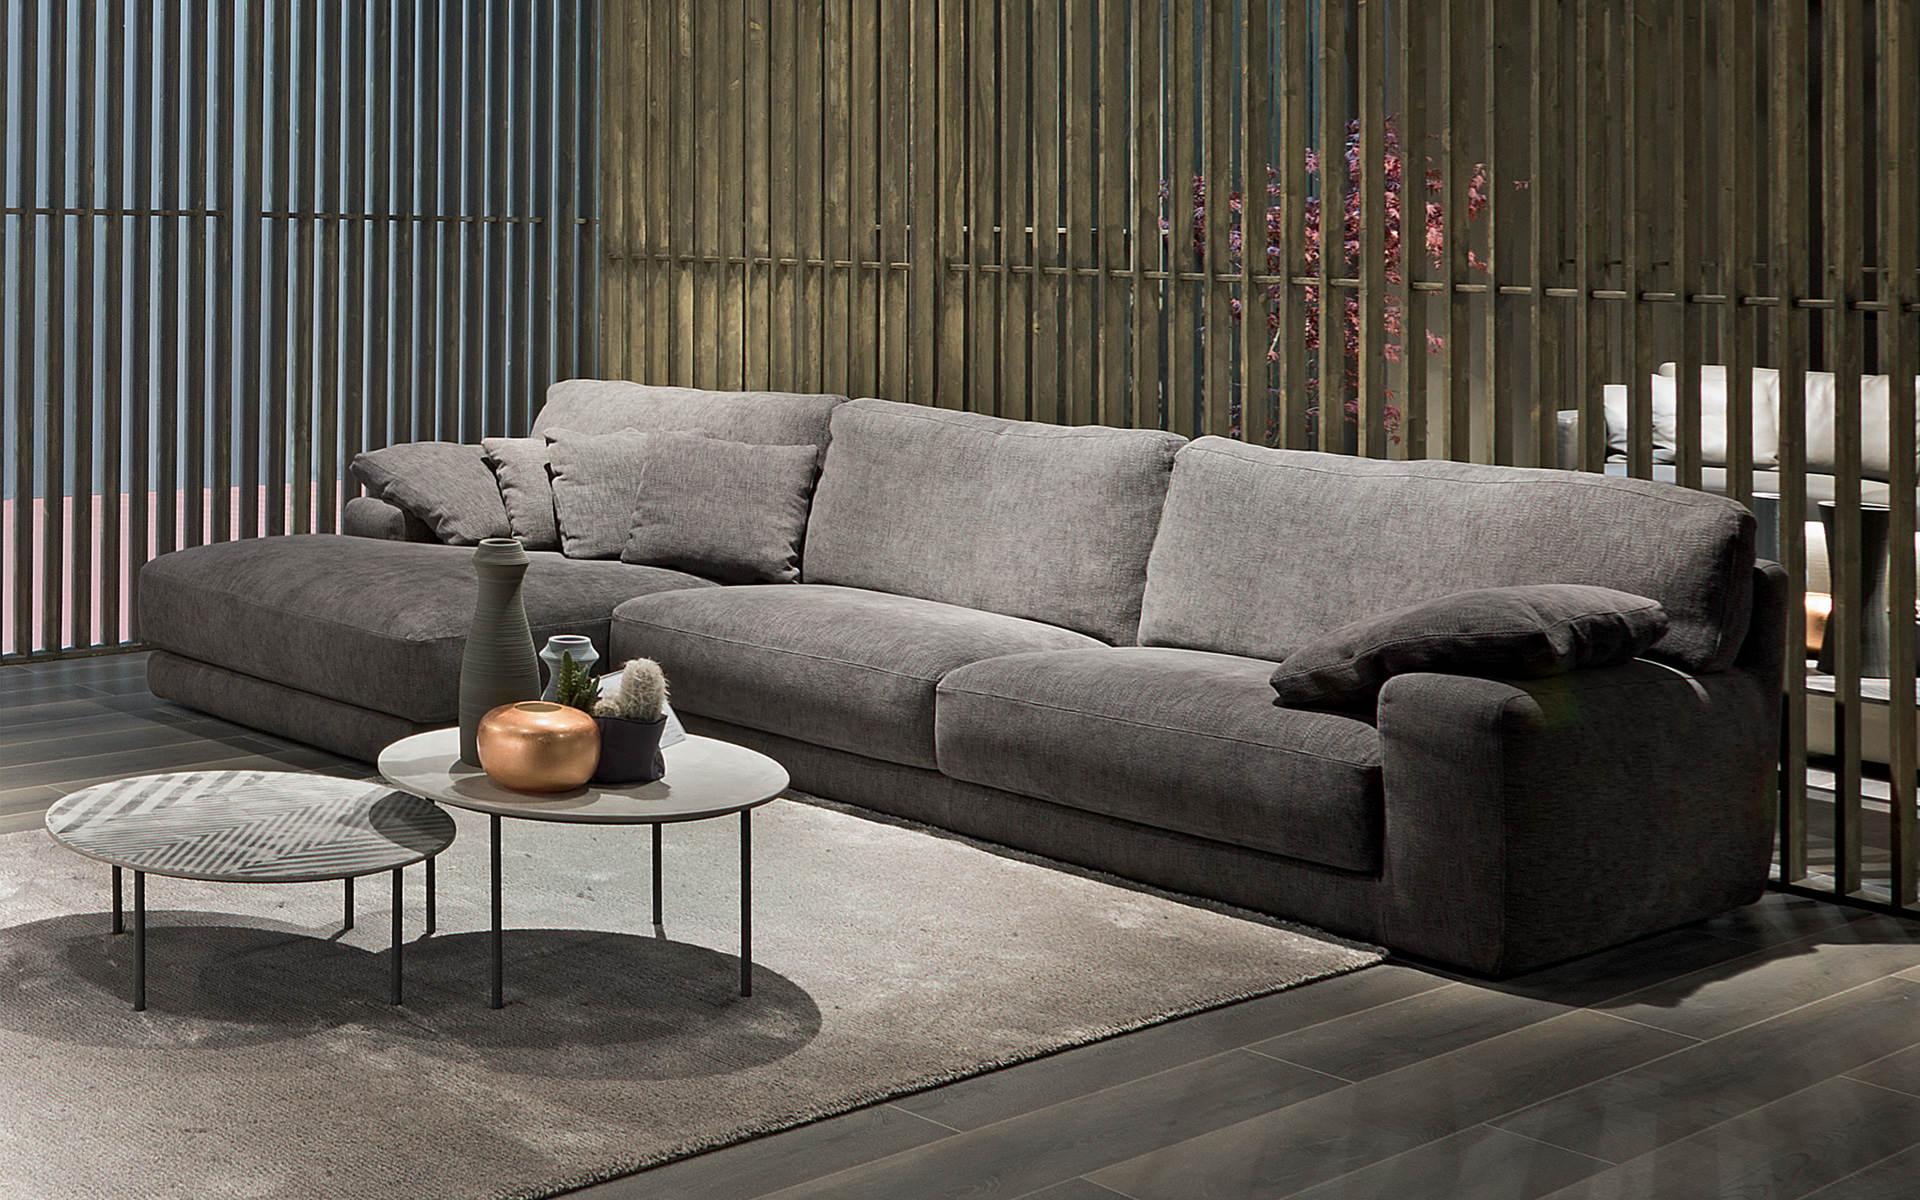 divani italiani altamura idee per il design della casa On divani italiani